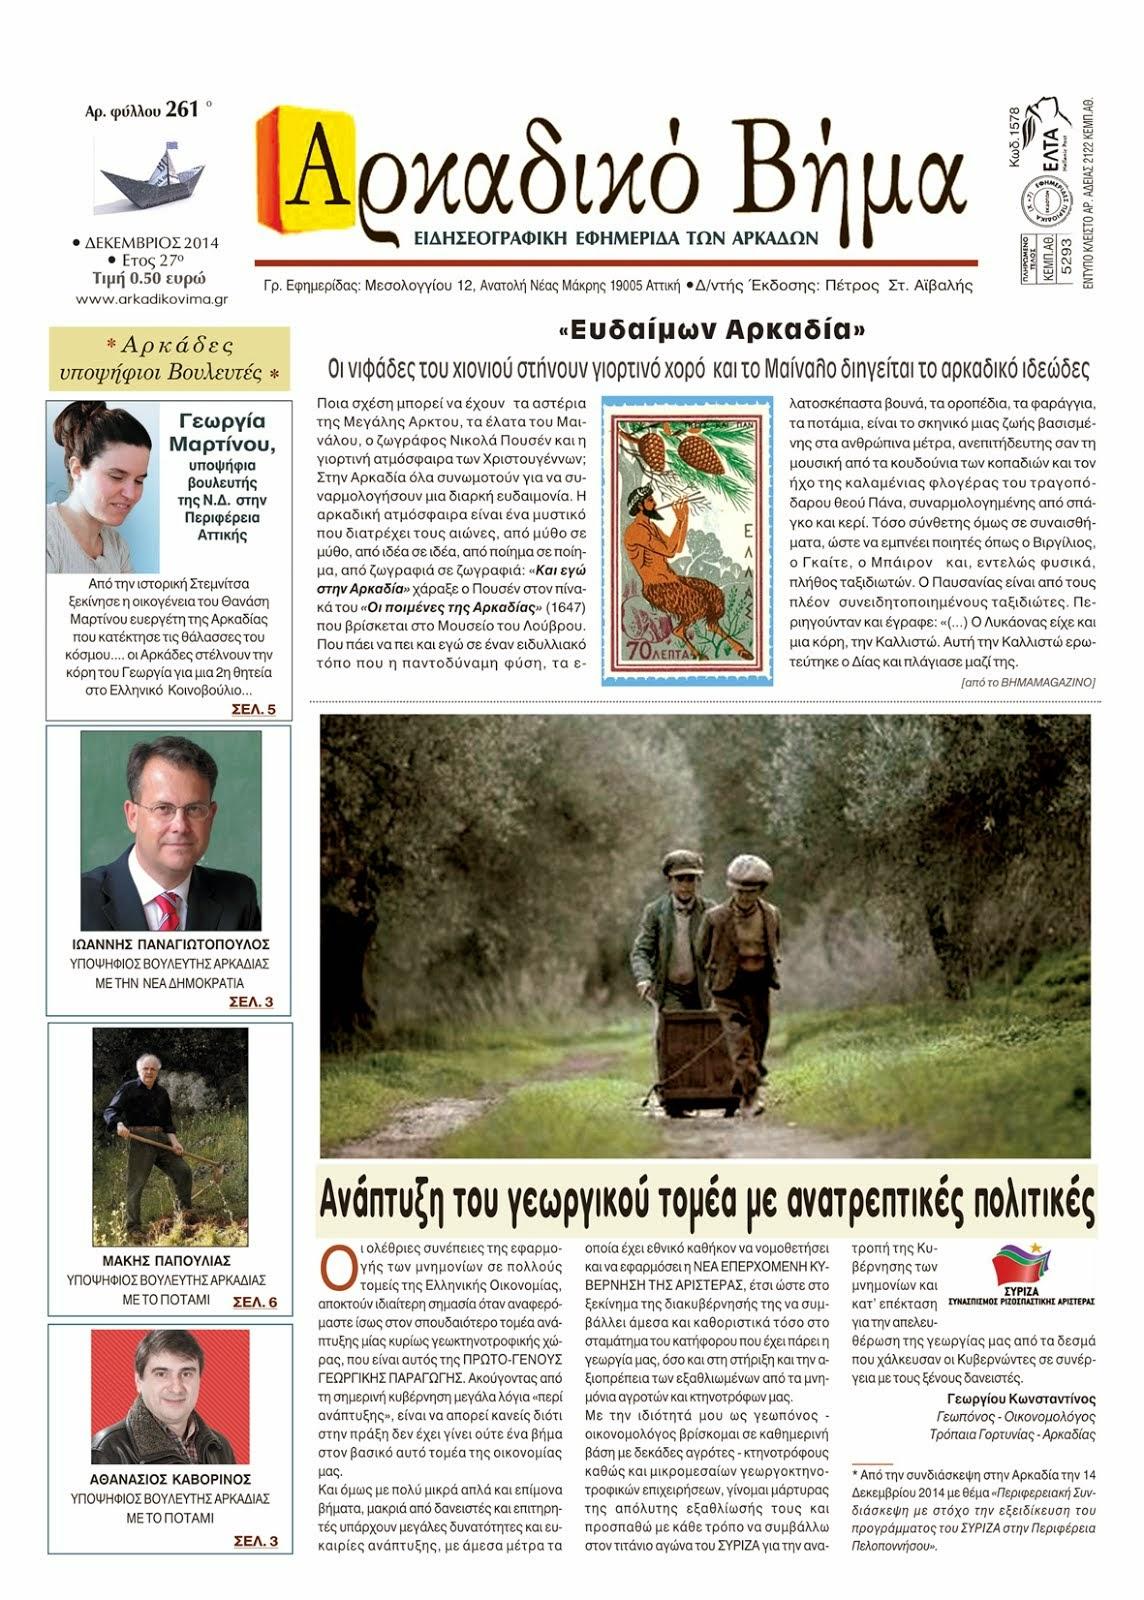 Κυκλοφόρησε το νέο φύλλο…της εφημερίδας